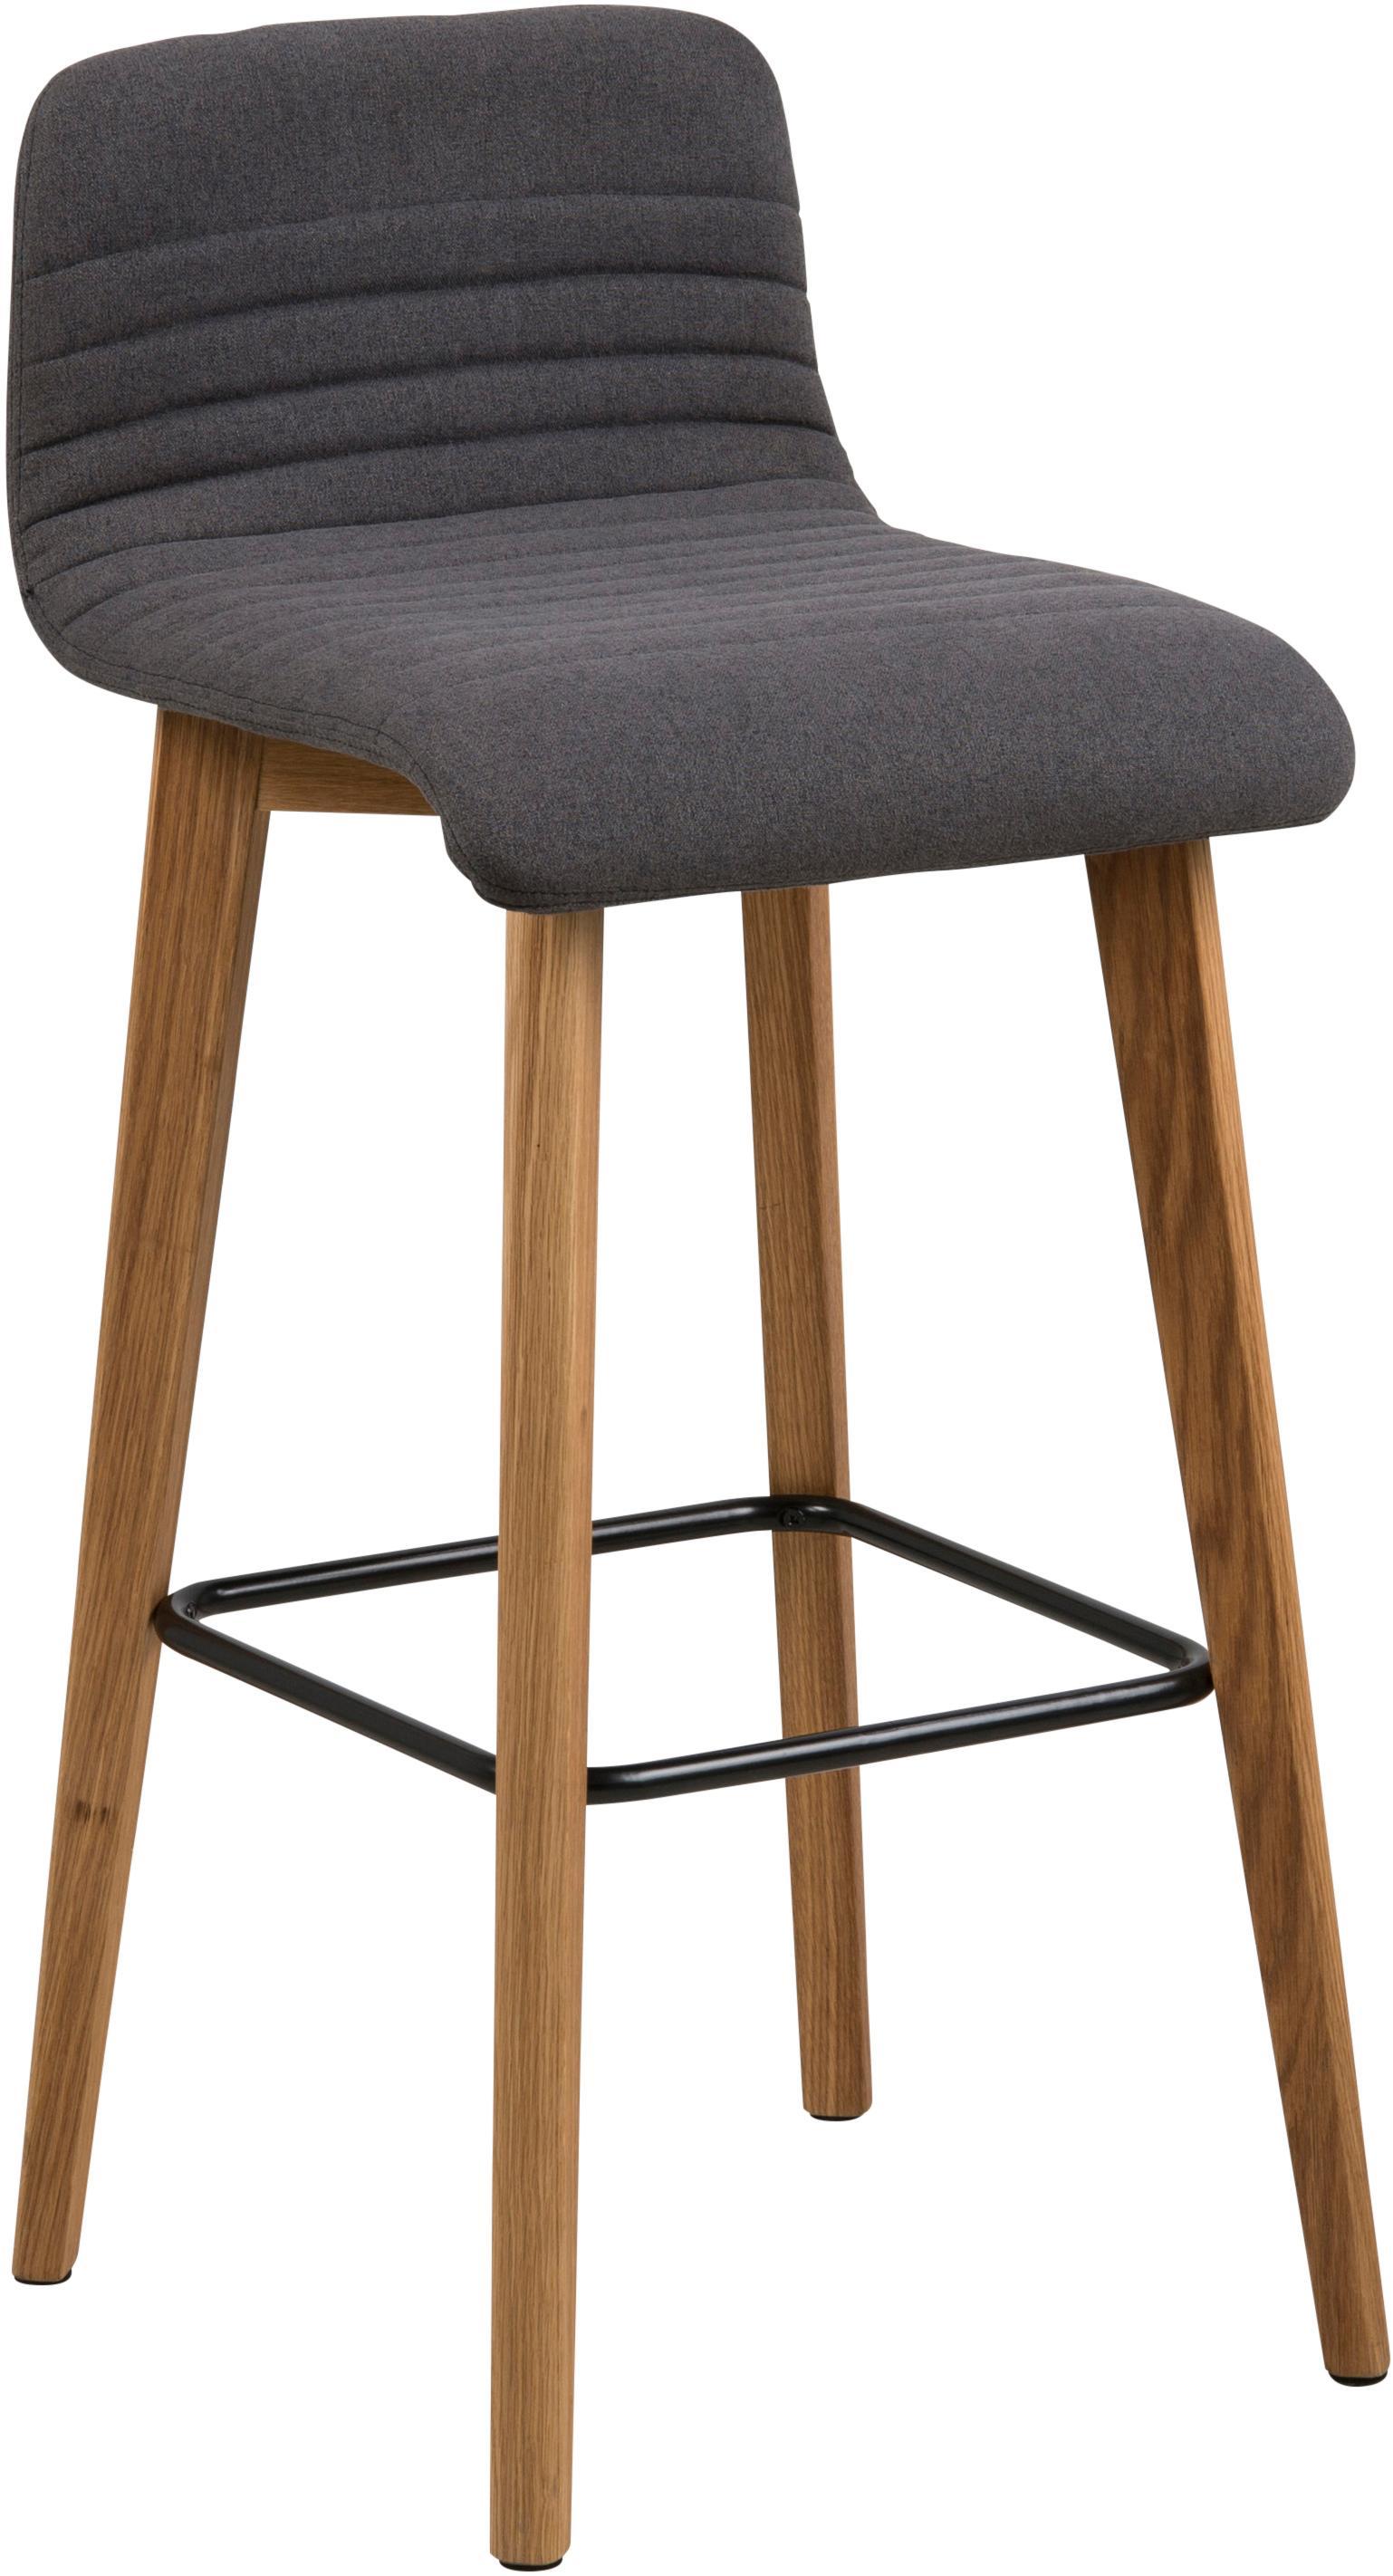 Krzesło barowe  Arosa, Tapicerka: poliester, Nogi: drewno dębowe, Tapicerka: antracytowy Nogi: drewno dębowe Podnóżek: czarny, 44 x 101 cm